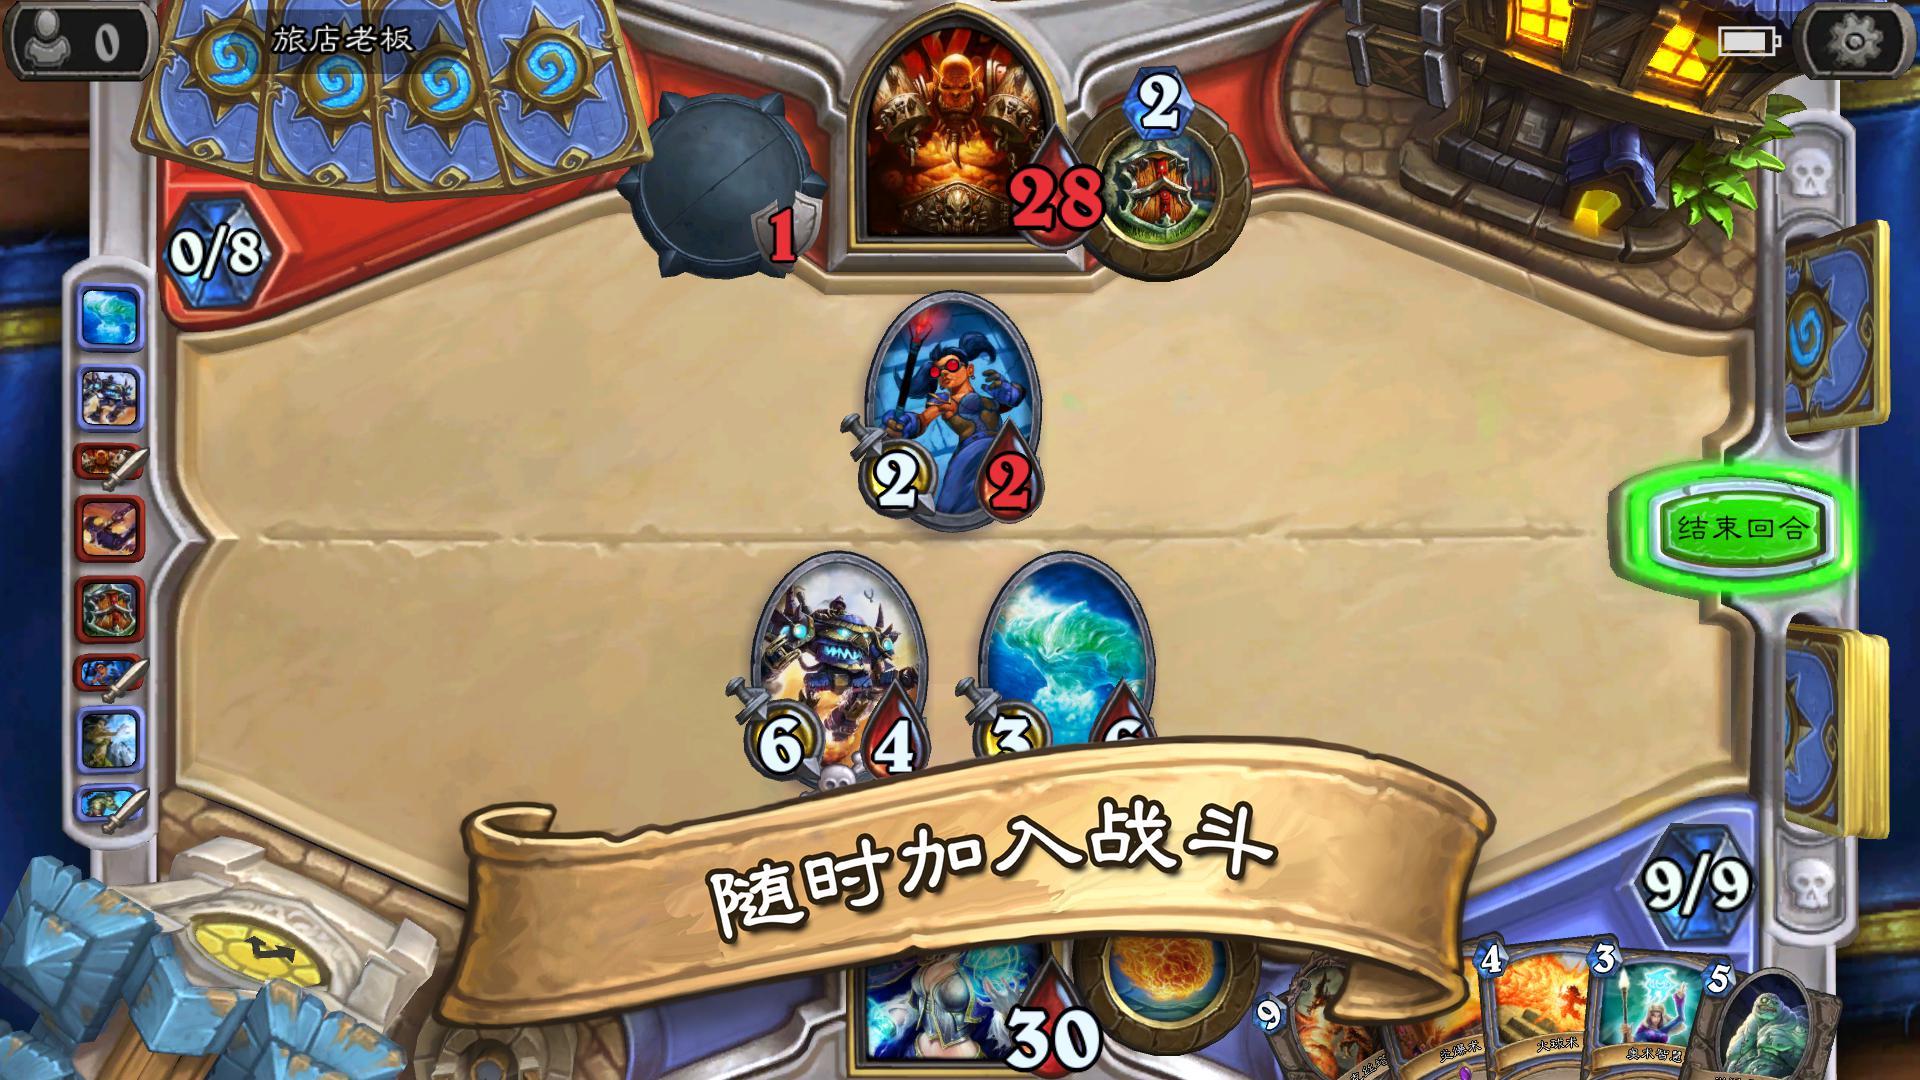 炉石传说 游戏截图3